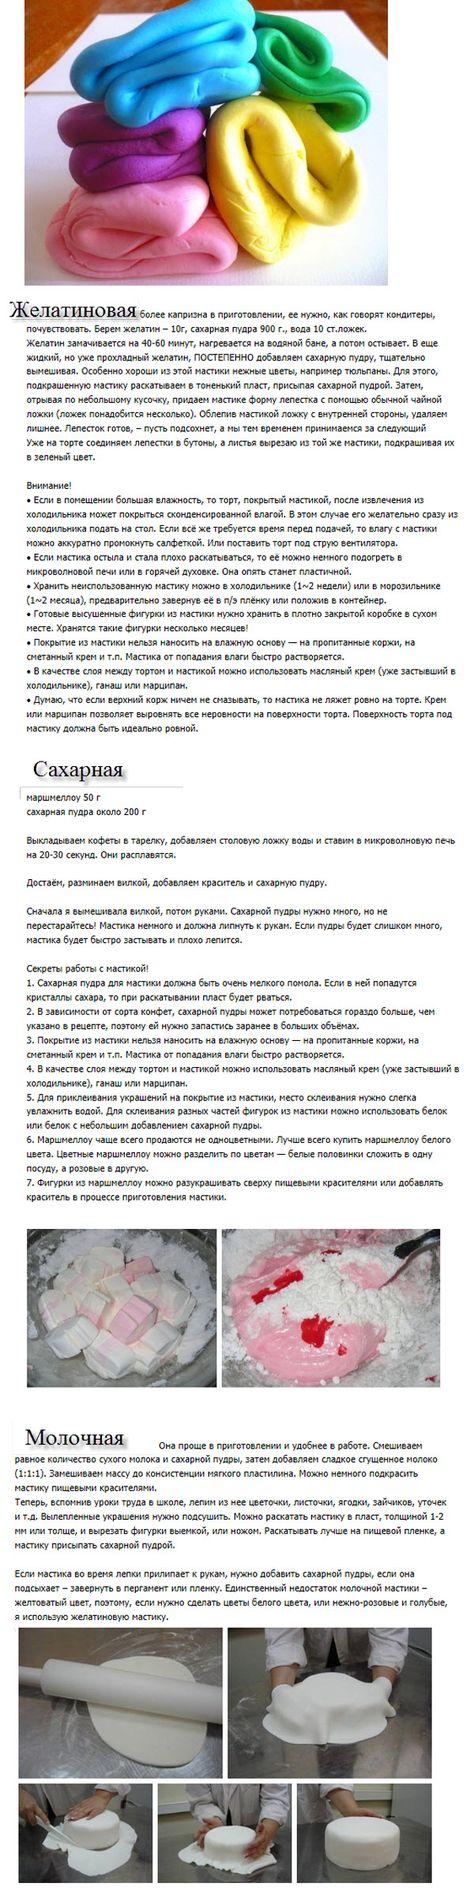 Пошаговый рецепт приготовления мастики для